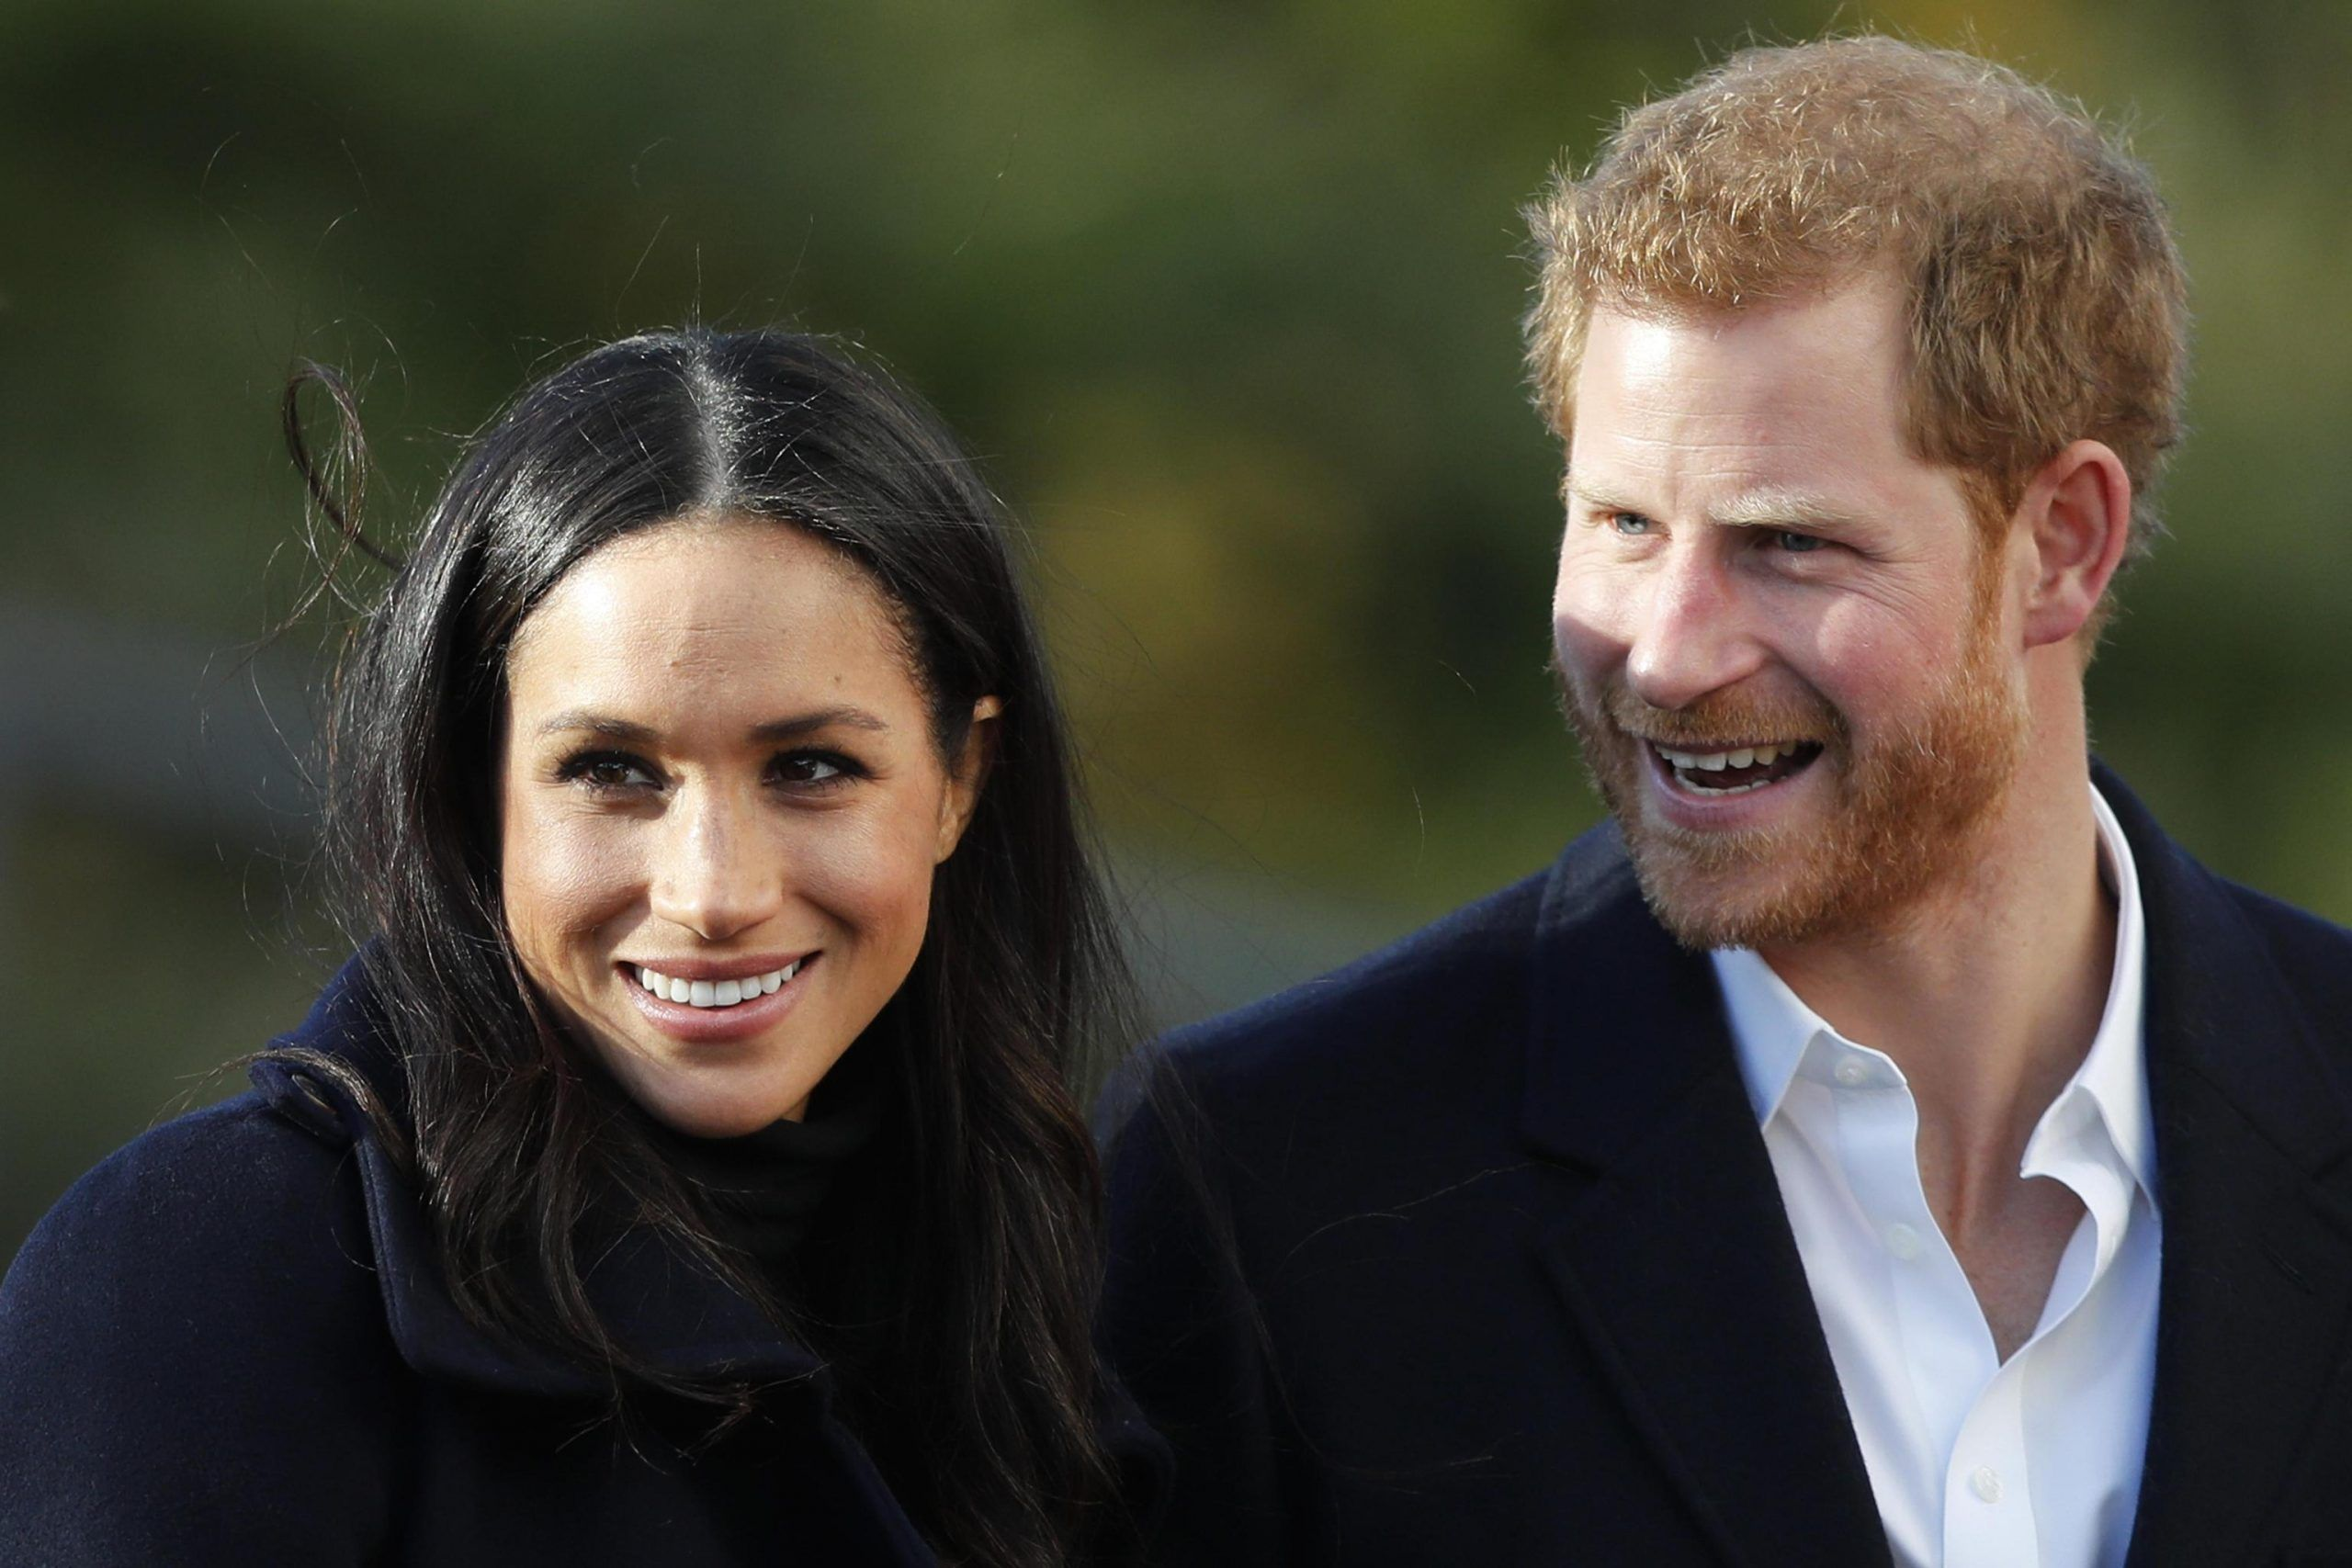 Harry e Meghan Markle, nozze il 19 maggio 2018: la data annunciata su Twitter